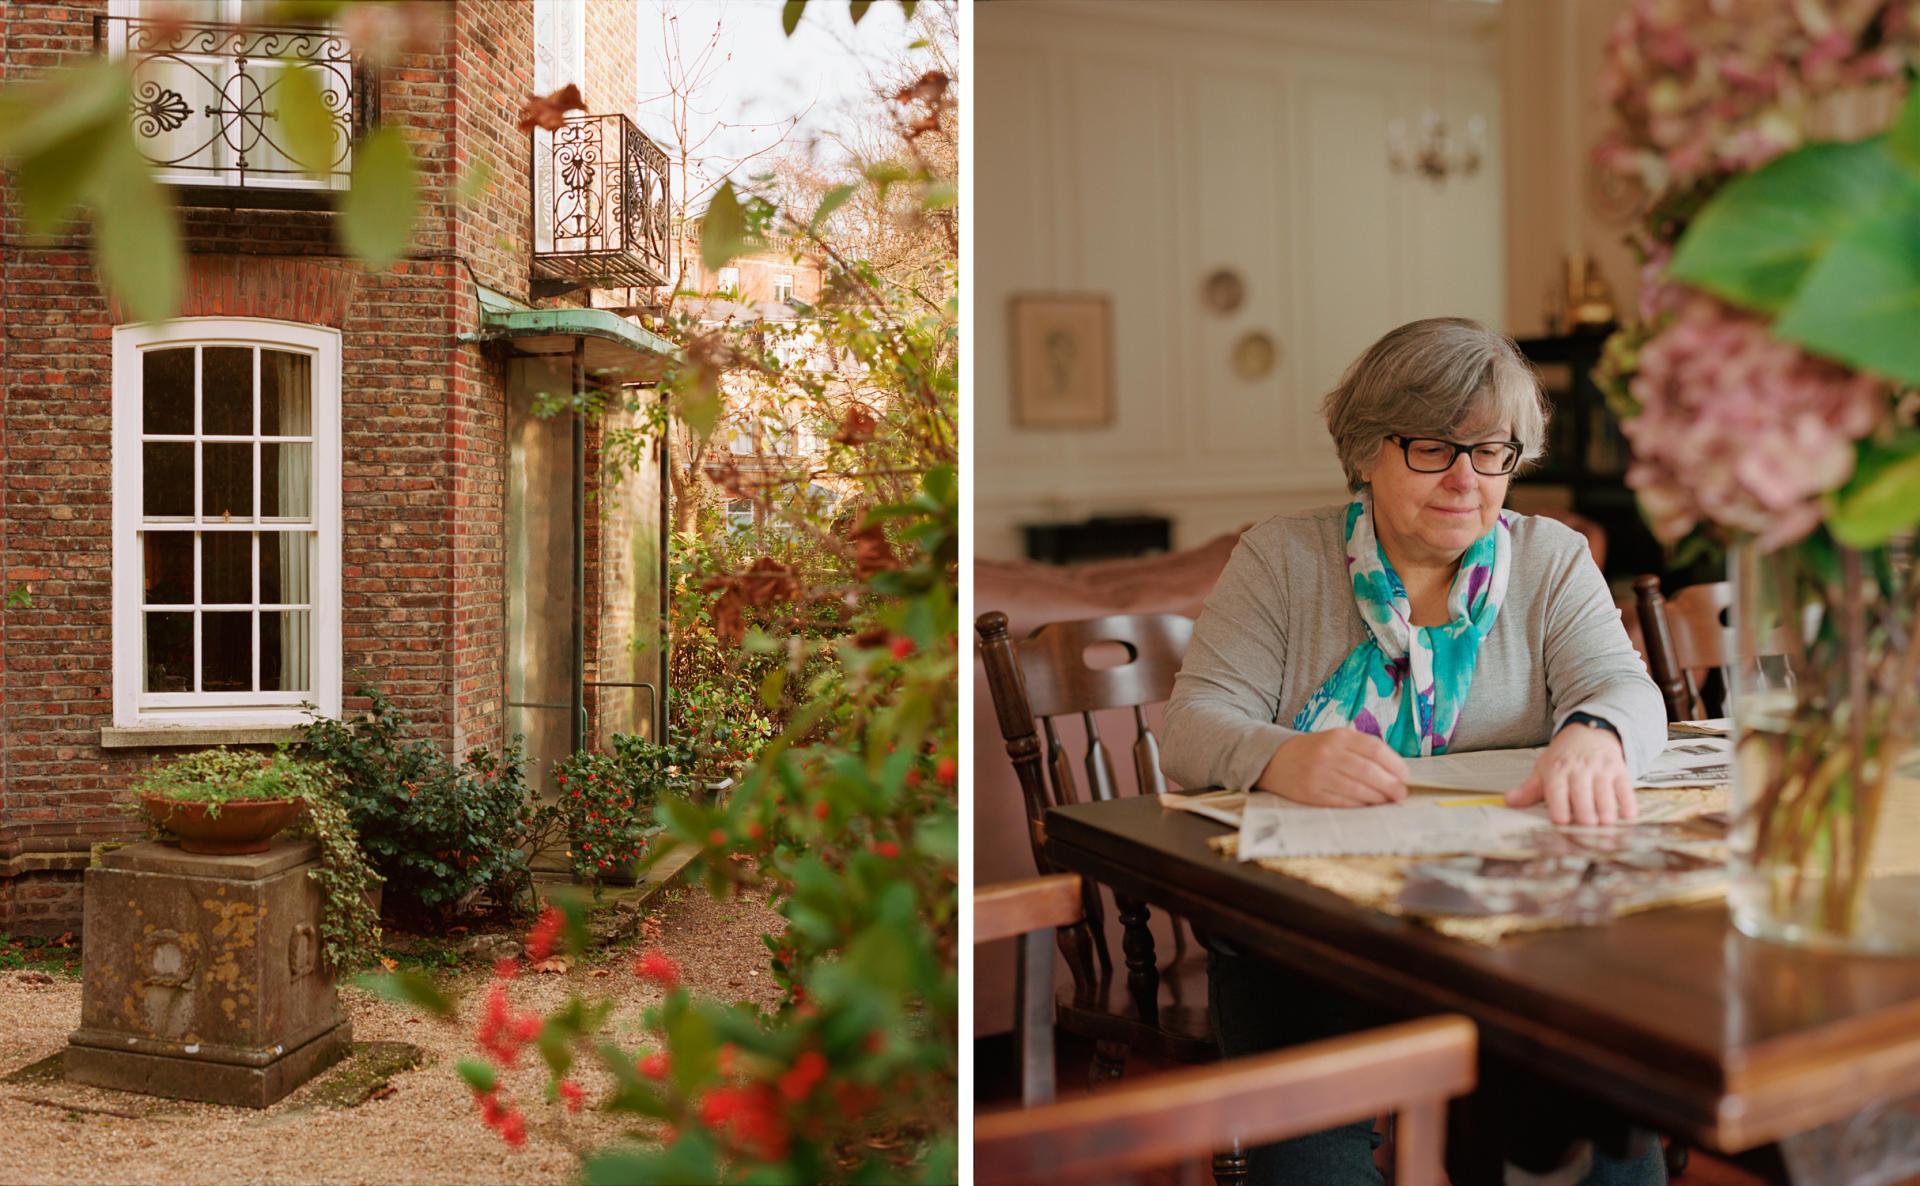 La maison où les De Gaulle ont vécu, à Hampstead, à partir de 1942, est devenue le couvent St Dorothy à partir de 1968. Sœur Paula, responsable du couvent, se passionne pour l'héritage du général de Gaulle et rassemble documents historiques et souvenirs.